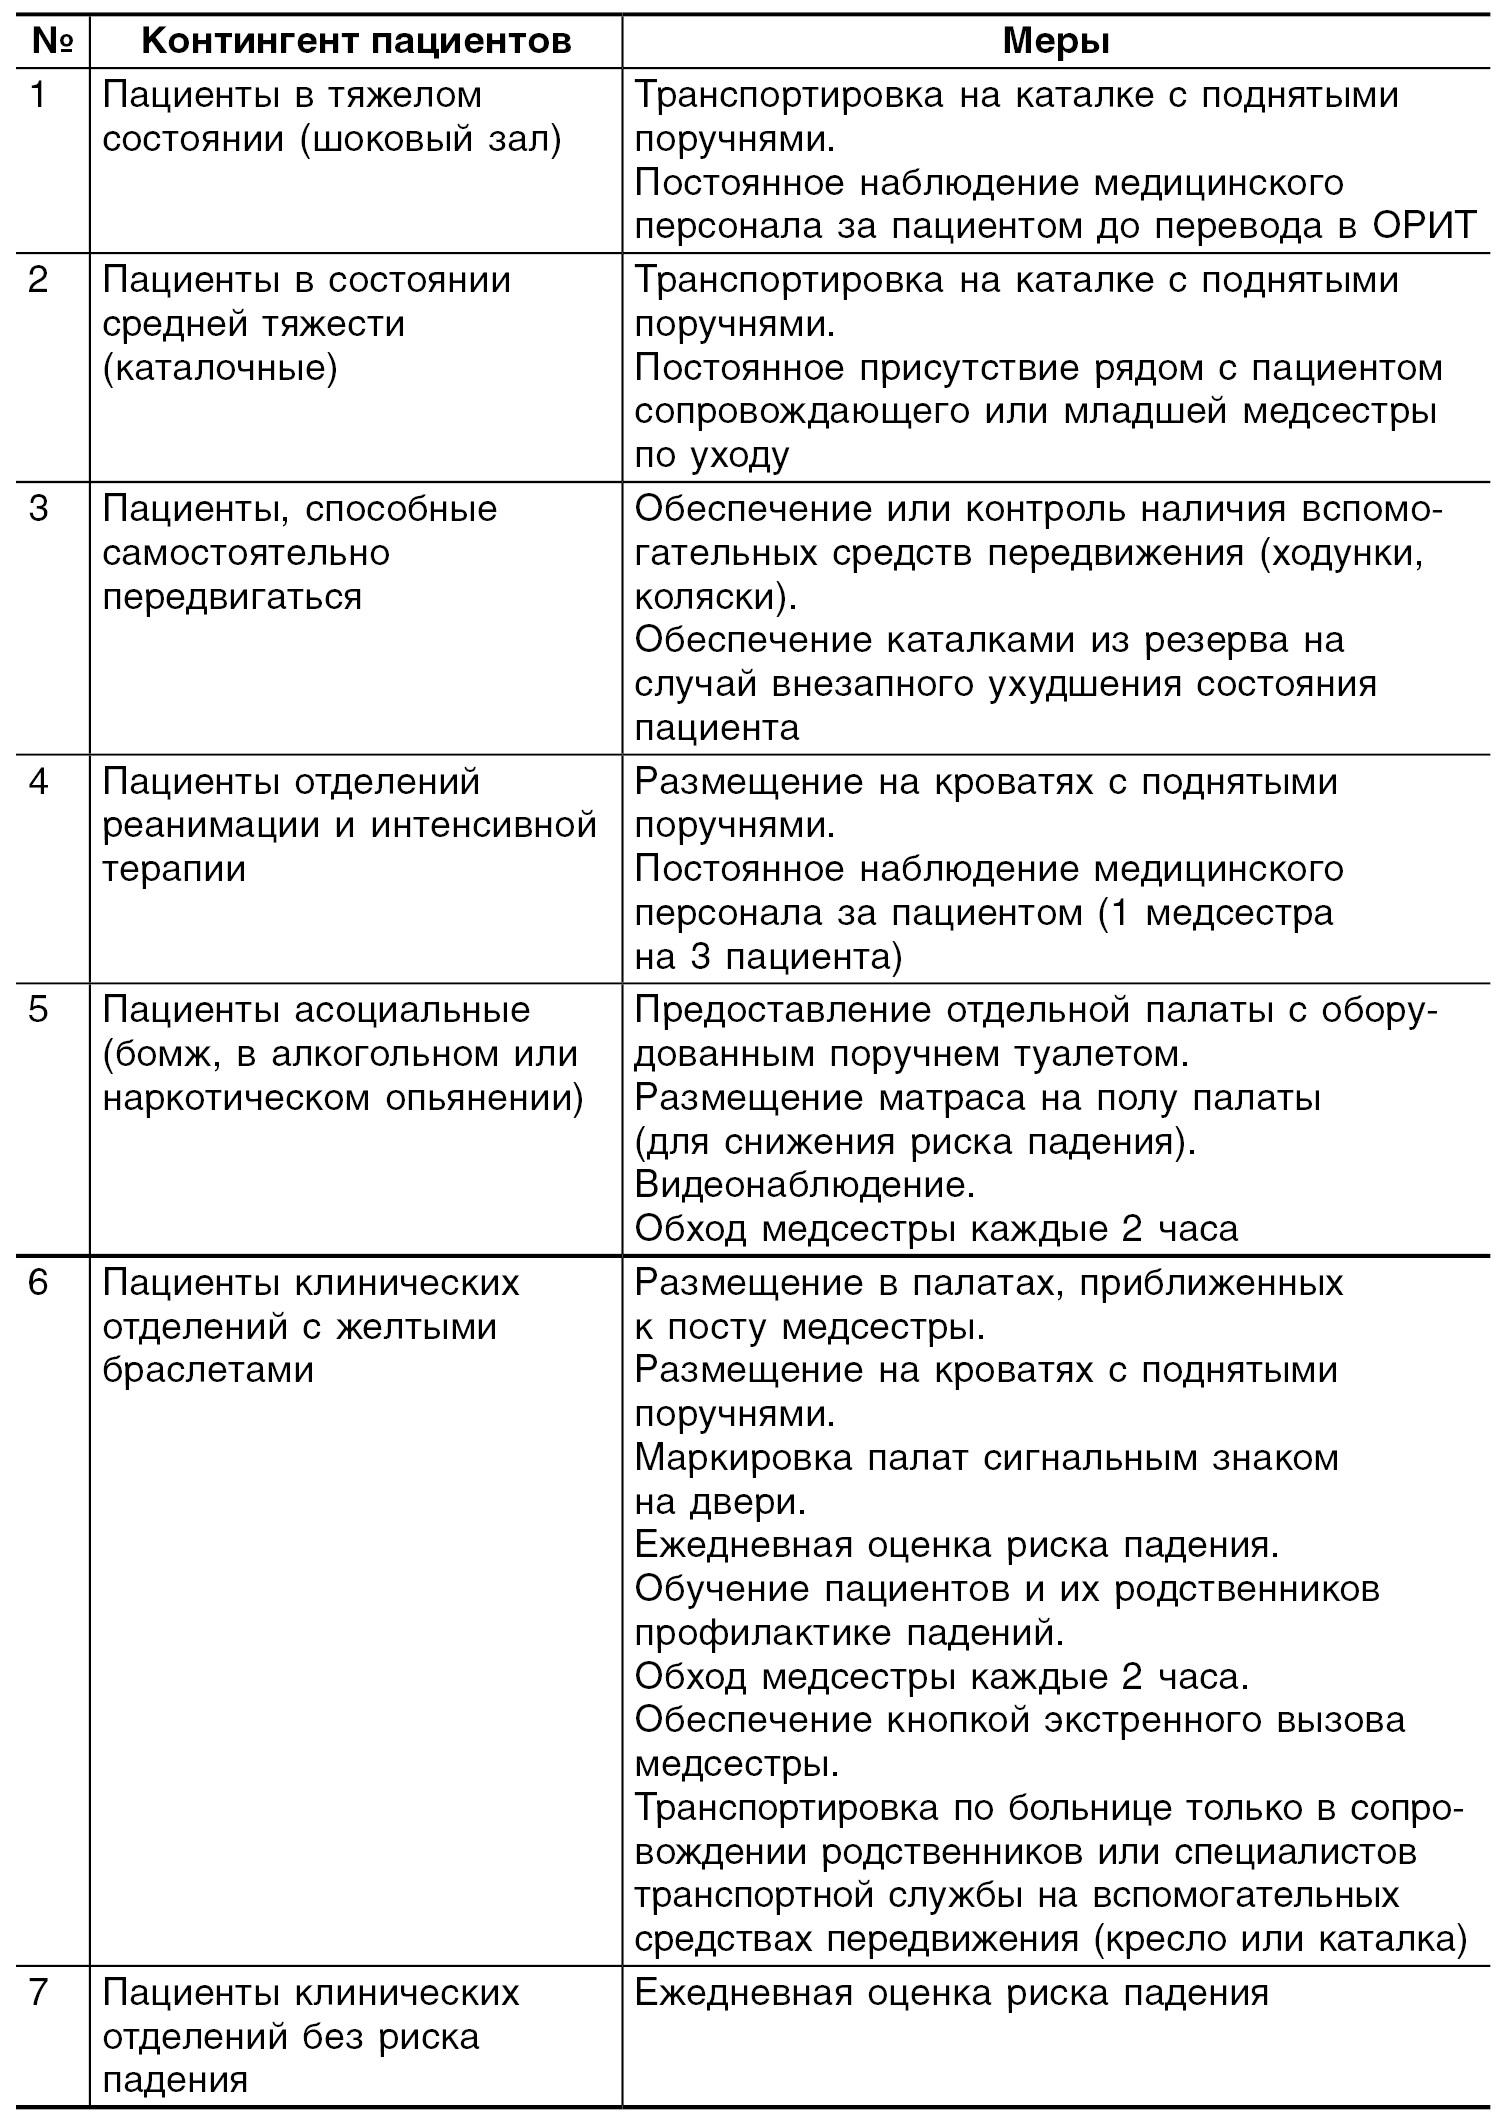 Доклад на тему факторы риска в работе медсестры 7079